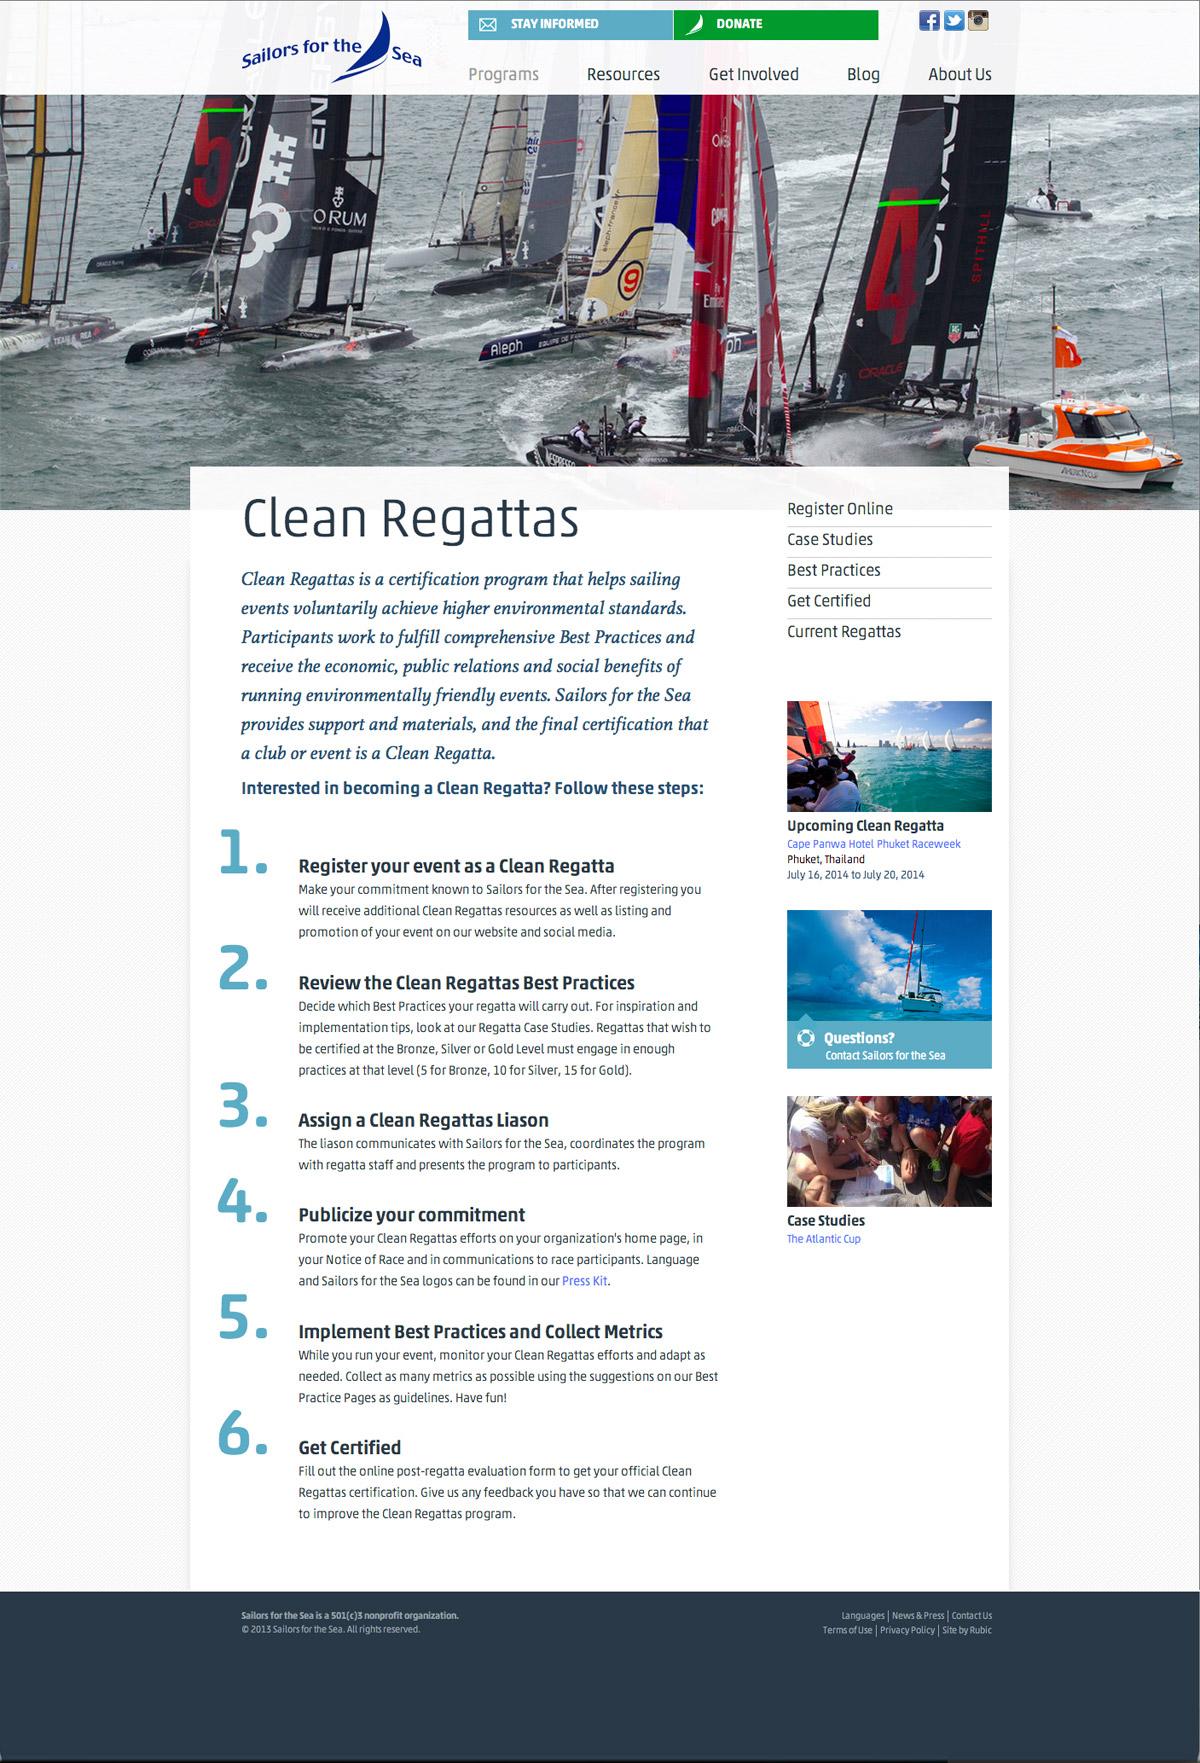 CleanRegattaSignup.jpg